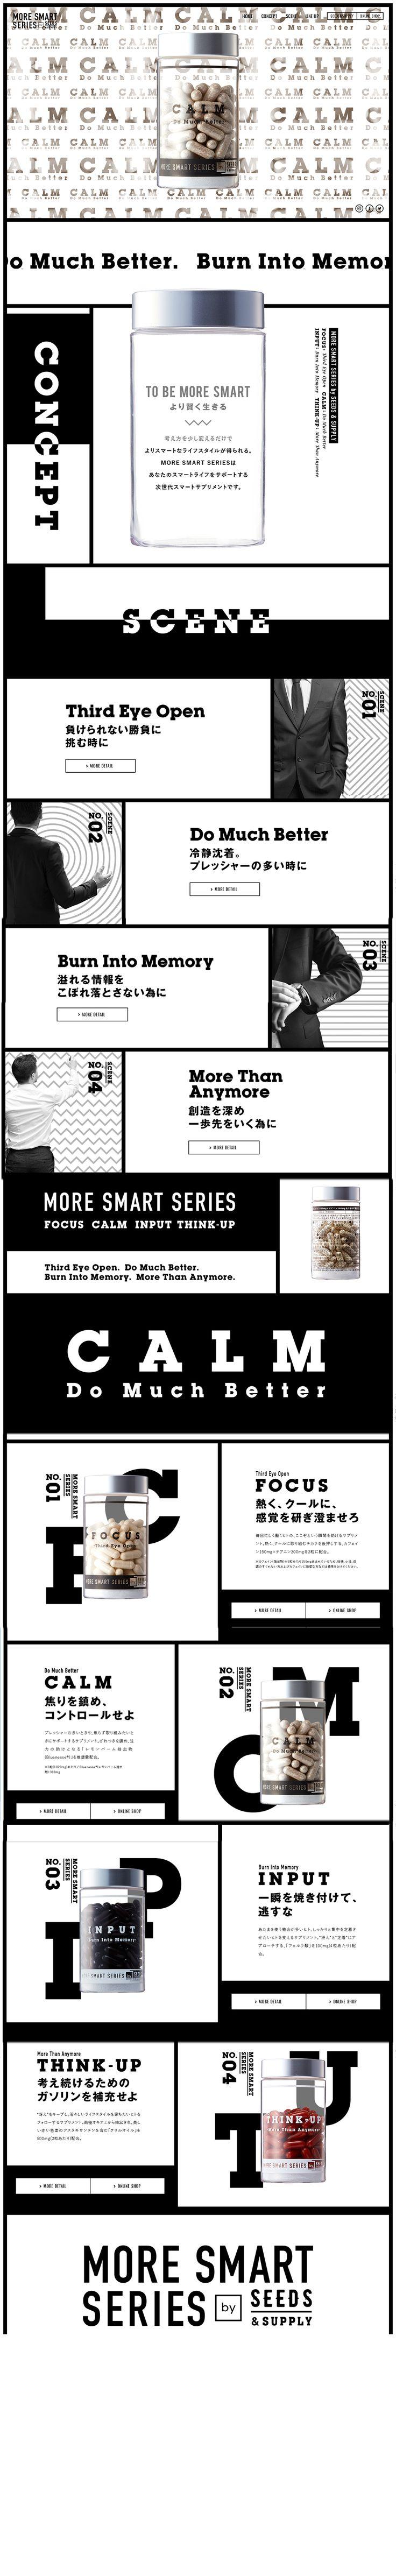 MORE SMART SERIES モアスマートシリーズ WEBデザイナーさん必見!ランディングページのデザイン参考に(かっこいい系)